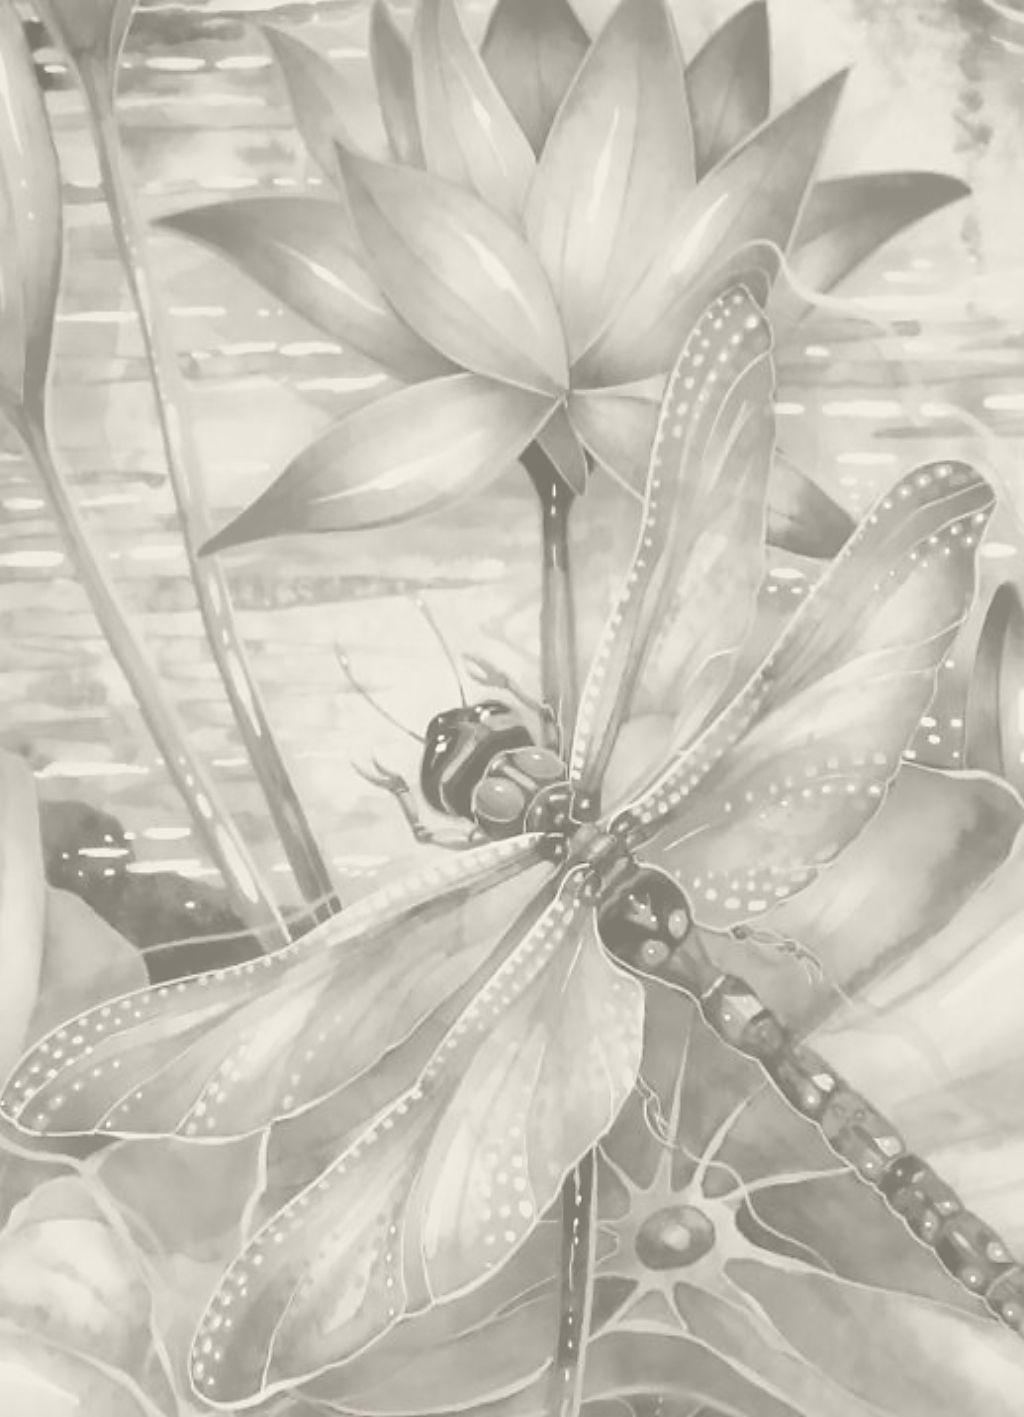 Alle Zwart Wit Platen Zijn Goed Uit De Printen Op 13 18 Cm Bloemen Tekenen Dierentekening Libel